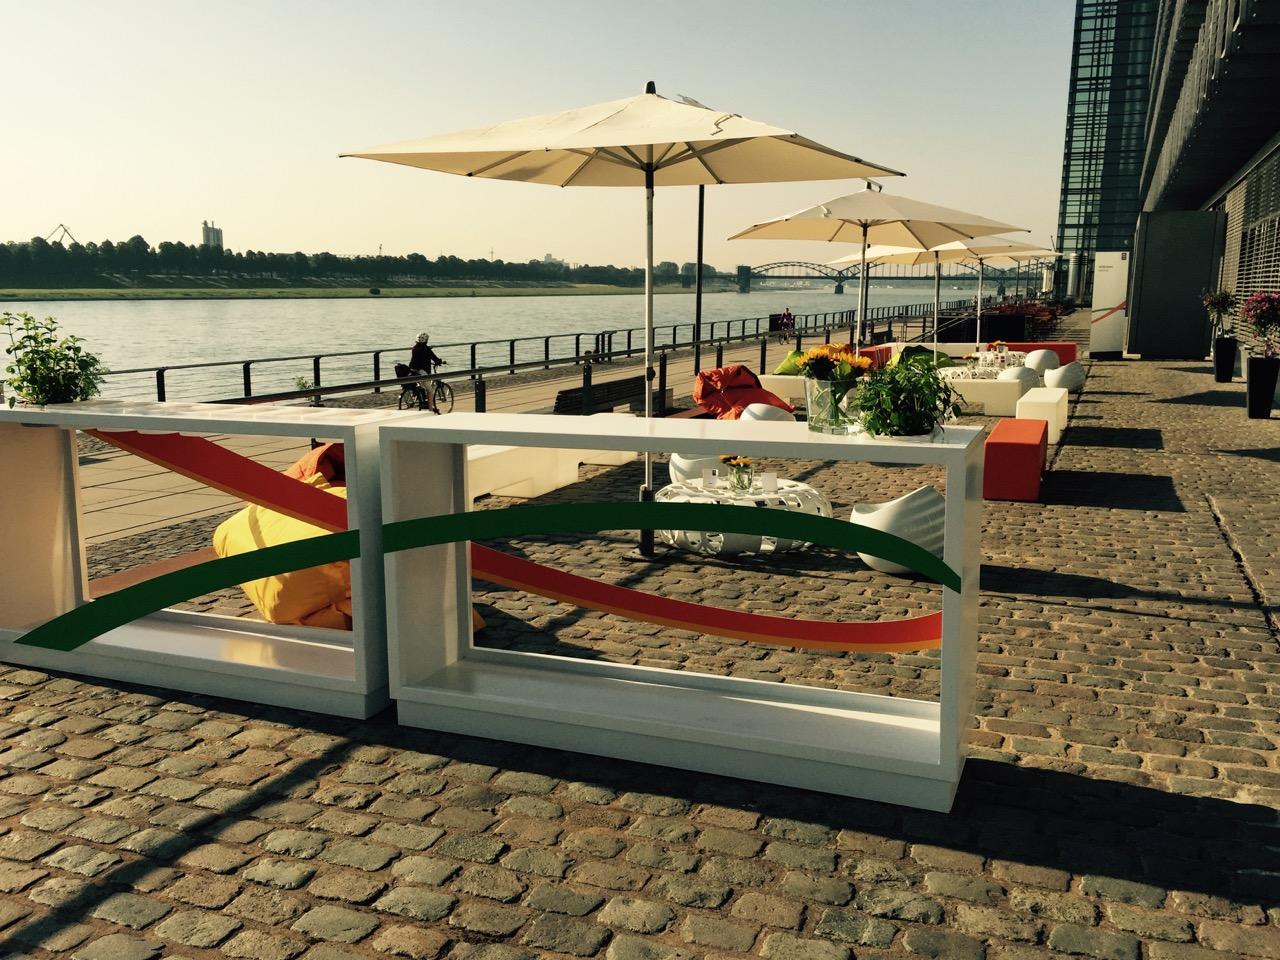 Rheinterrasse, Location in Köln mit traumhaftem Blick auf den Rhein, BBQ und Grillkurse